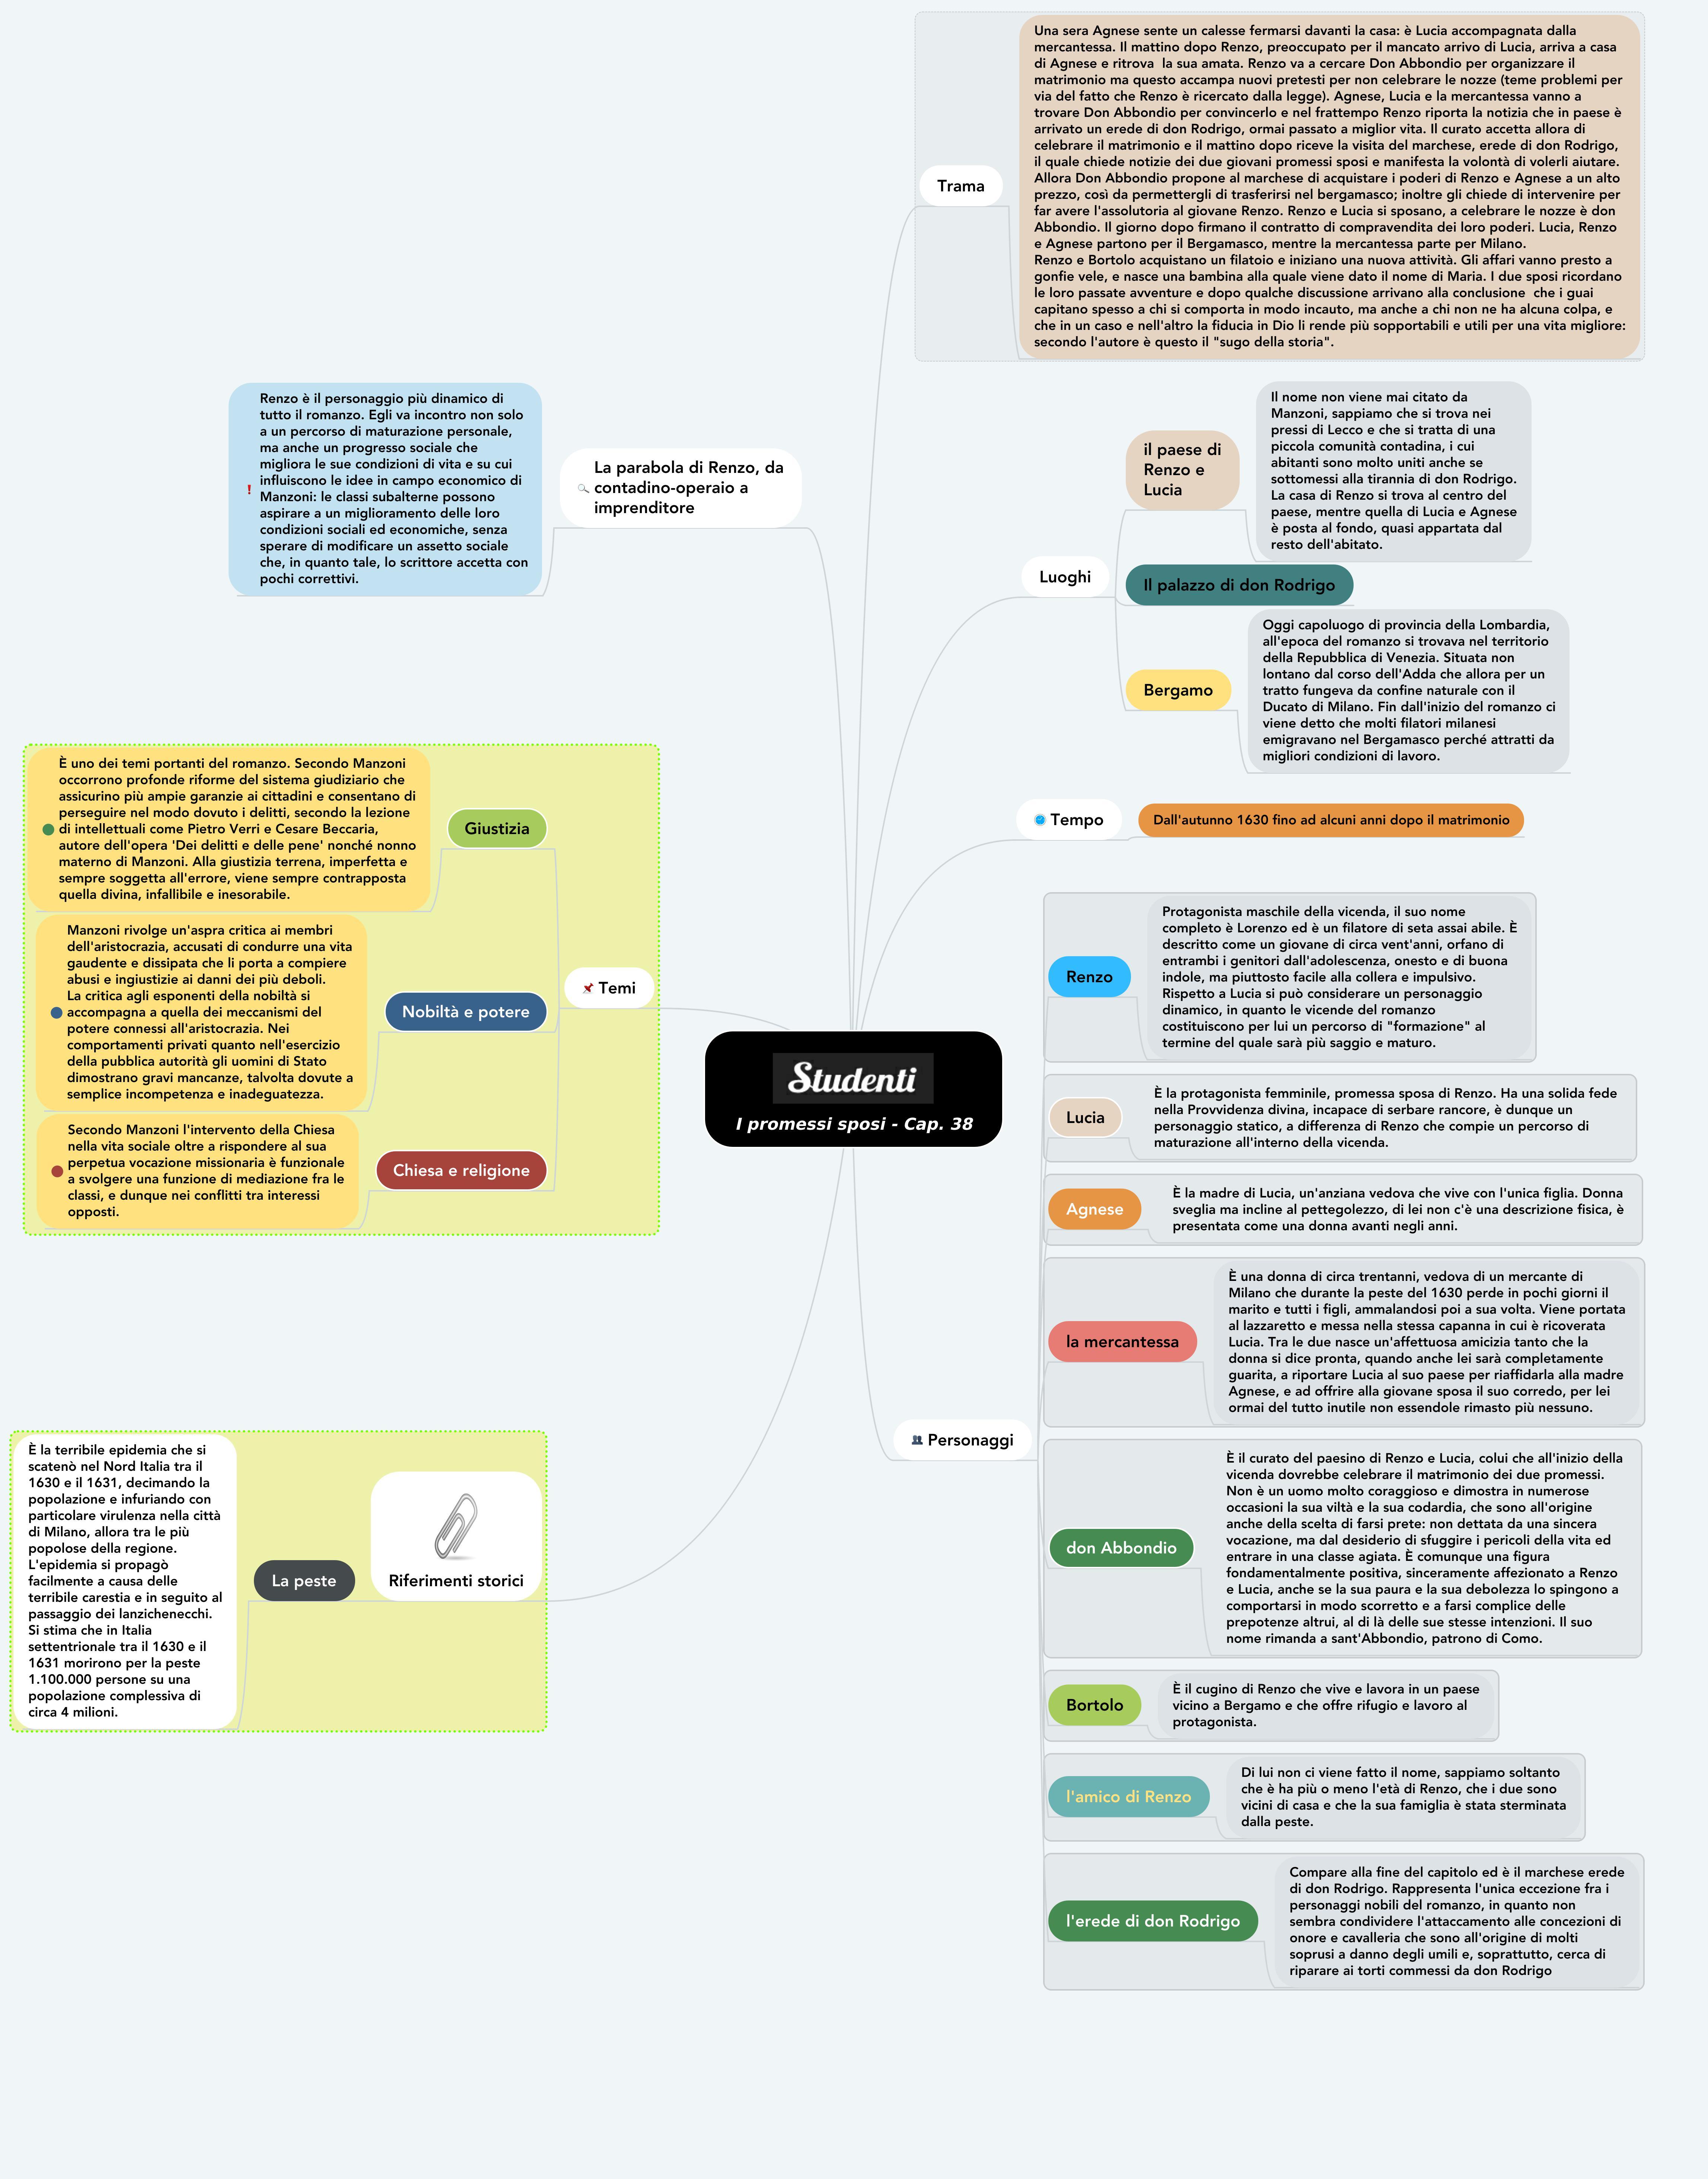 Mappa concettuale capitolo 38 promessi sposi